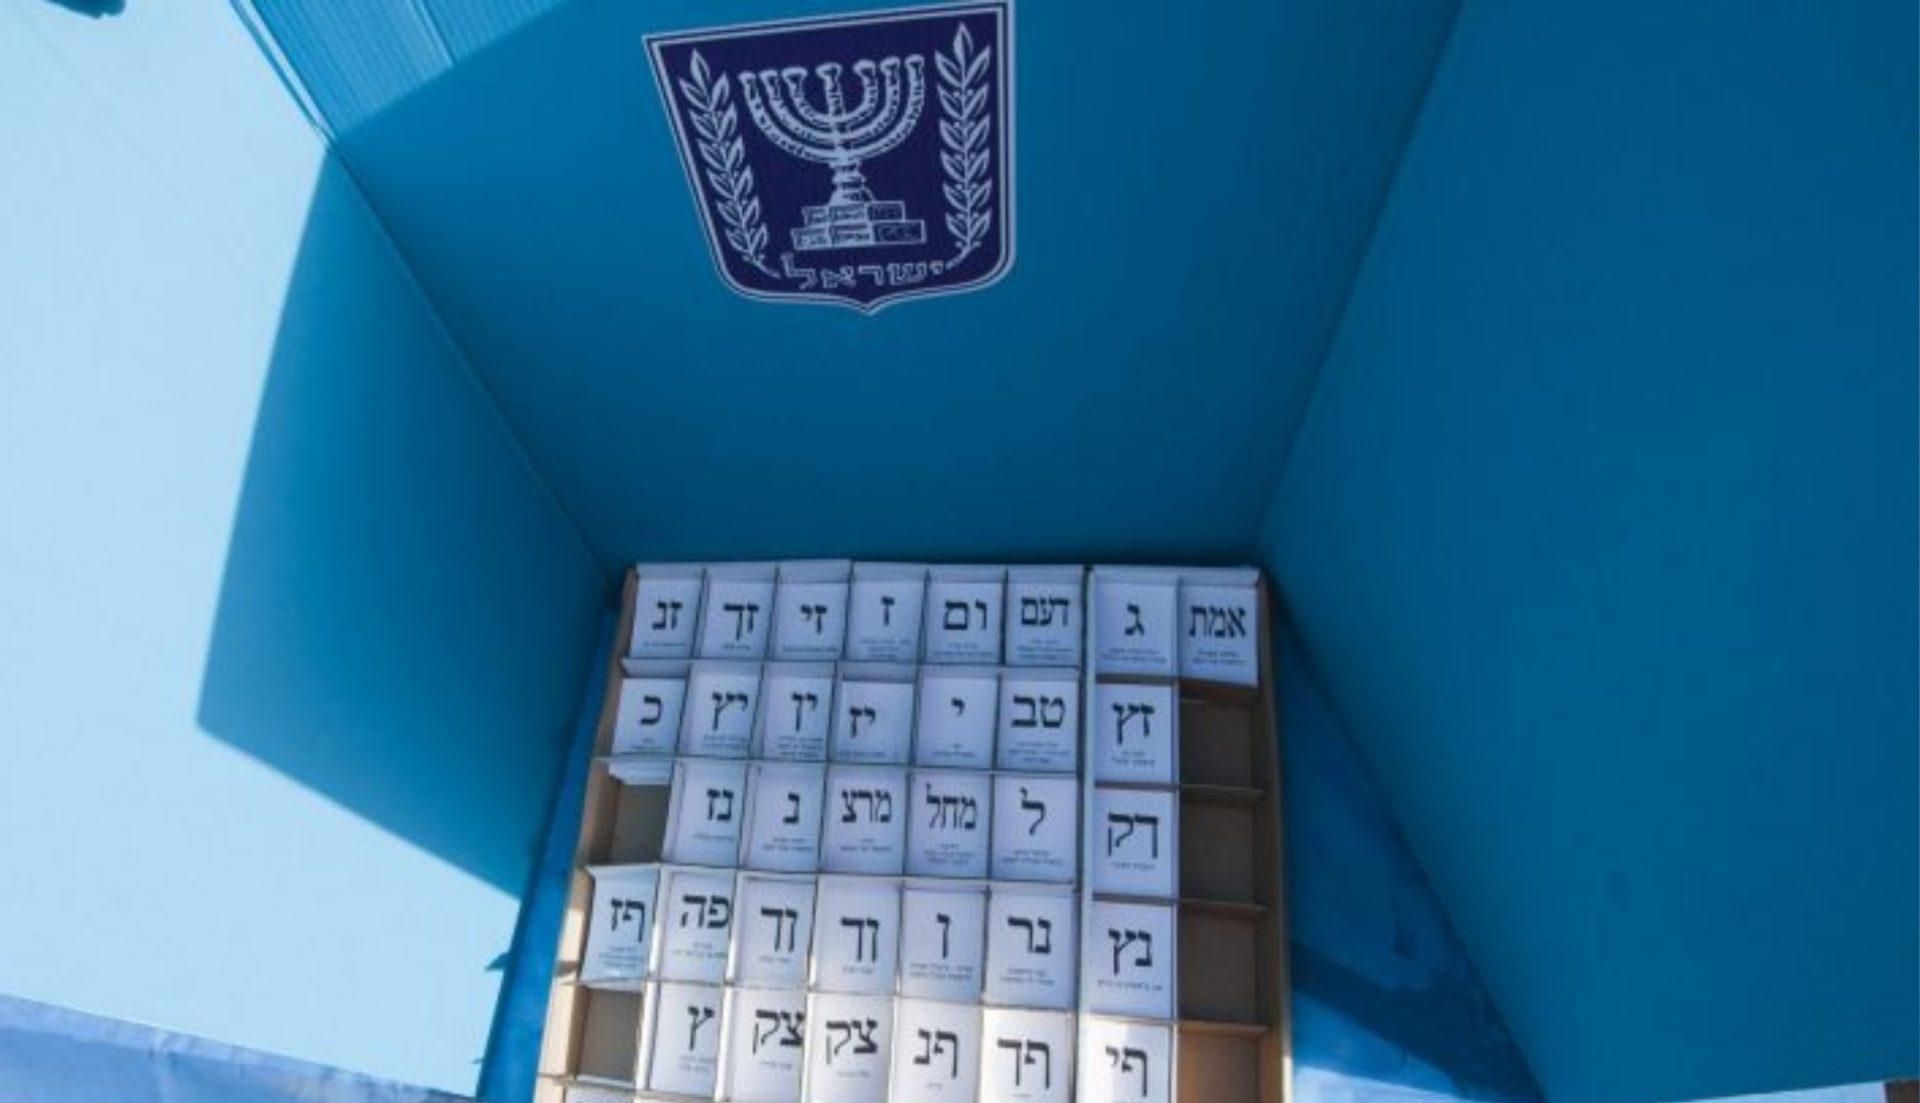 קלפי בחירות לכנסת ה-21 (צילום: אליהו הרשקוביץ)